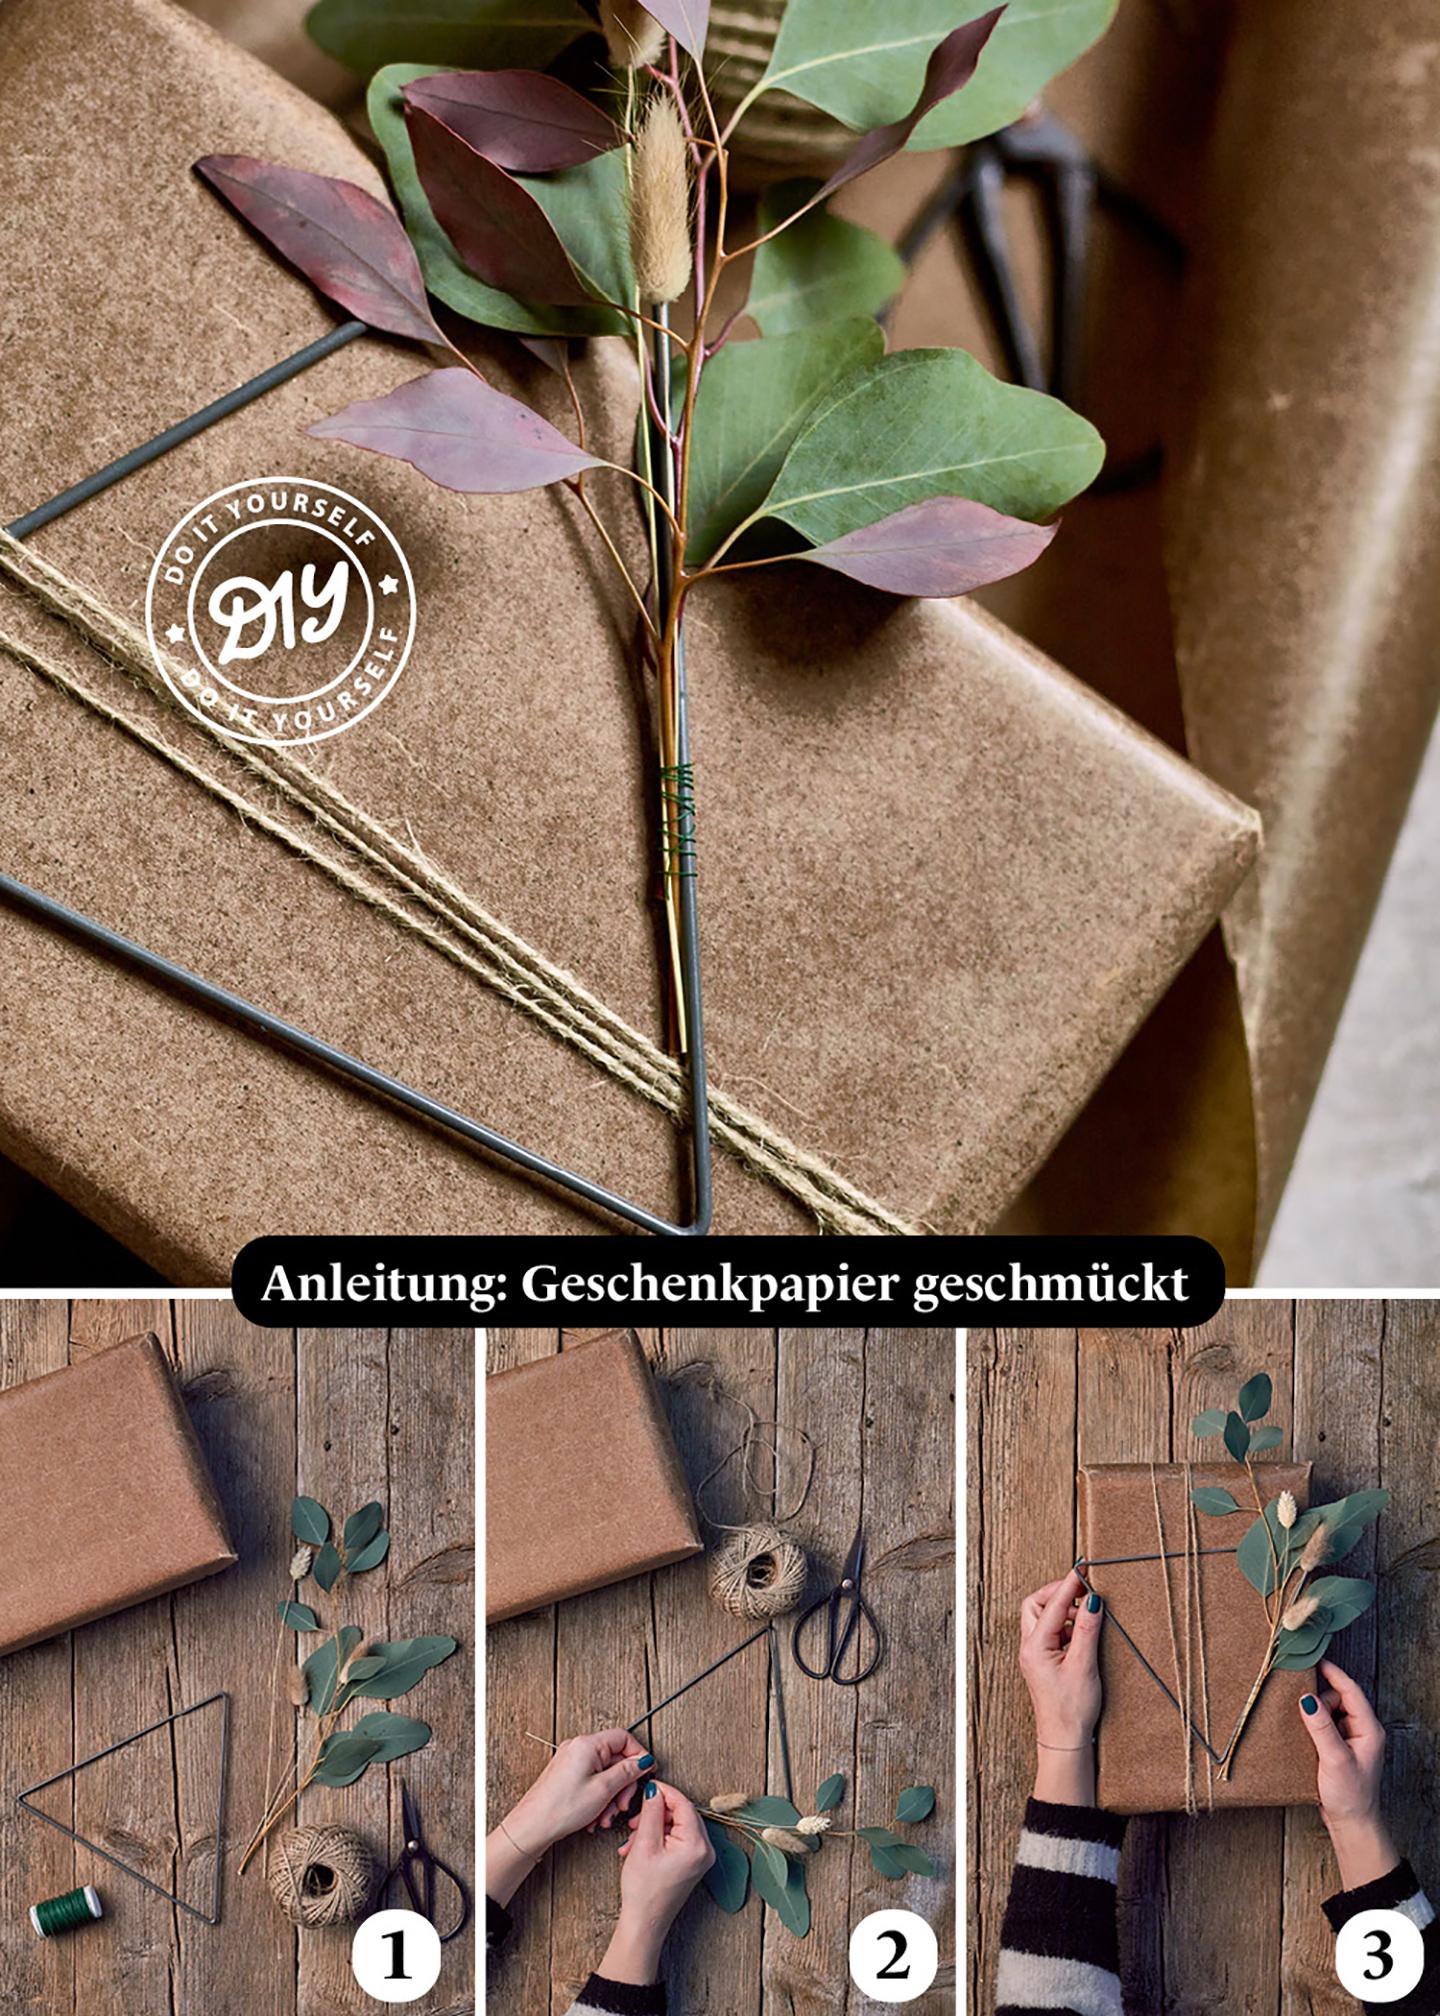 DIY Anleitung für Geschenkverpackungen, die man selber basteln kann. Das Geschnk wird einfach geschmückt mit Deko-Elementen